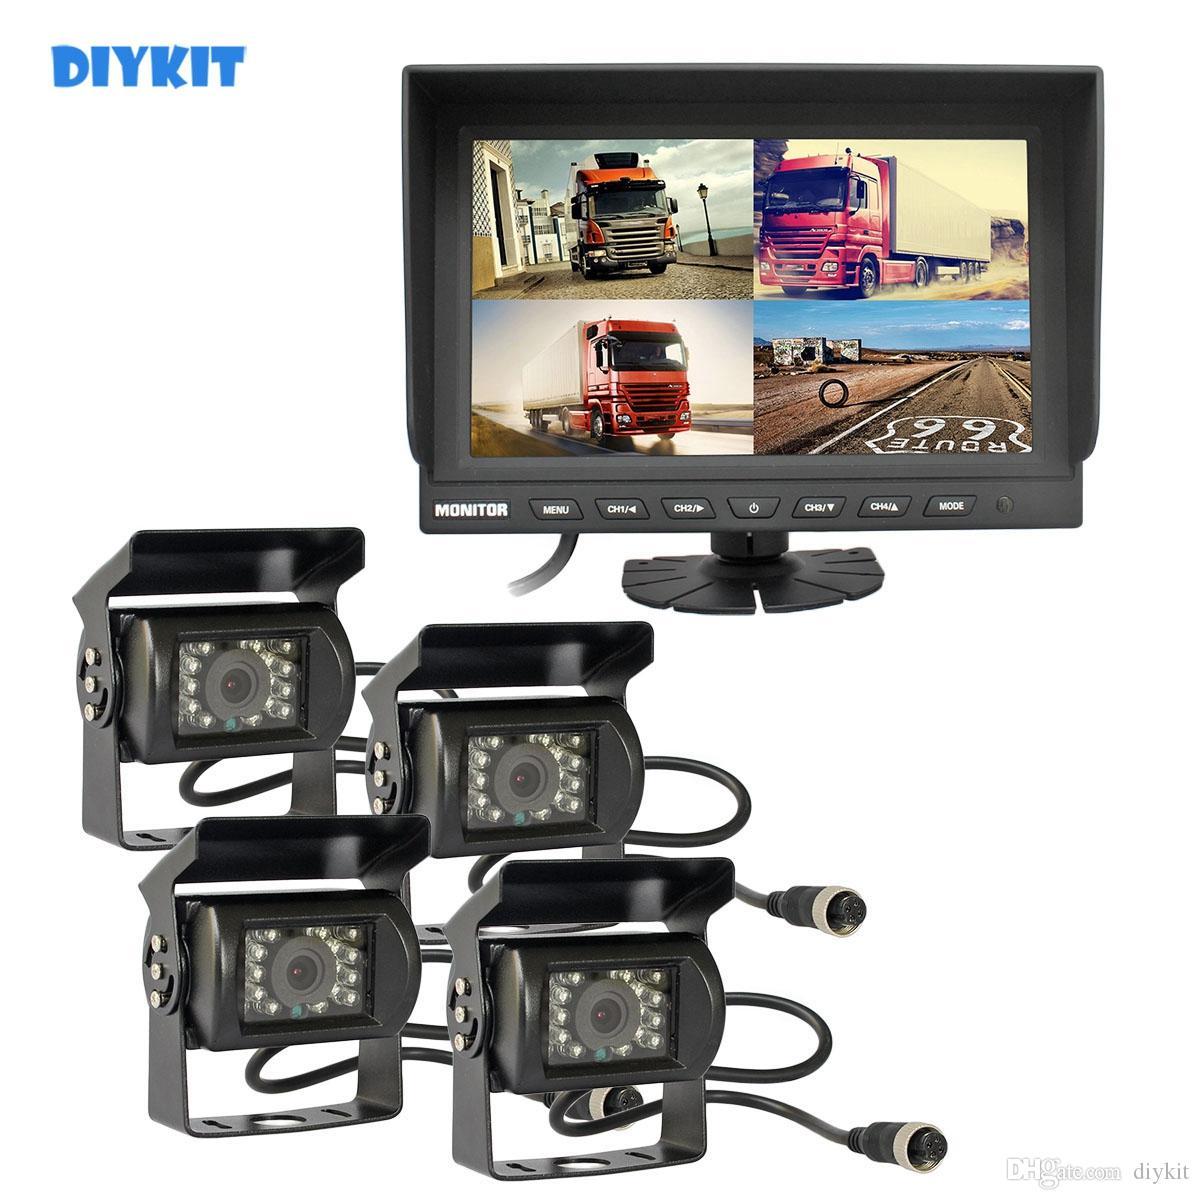 """DIYKIT 9"""" Split QUAD monitor di retrovisione dell'automobile monitor + 4 x CCD IR di visione notturna impermeabile macchina fotografica dell'automobile Video Security Monitoring System"""